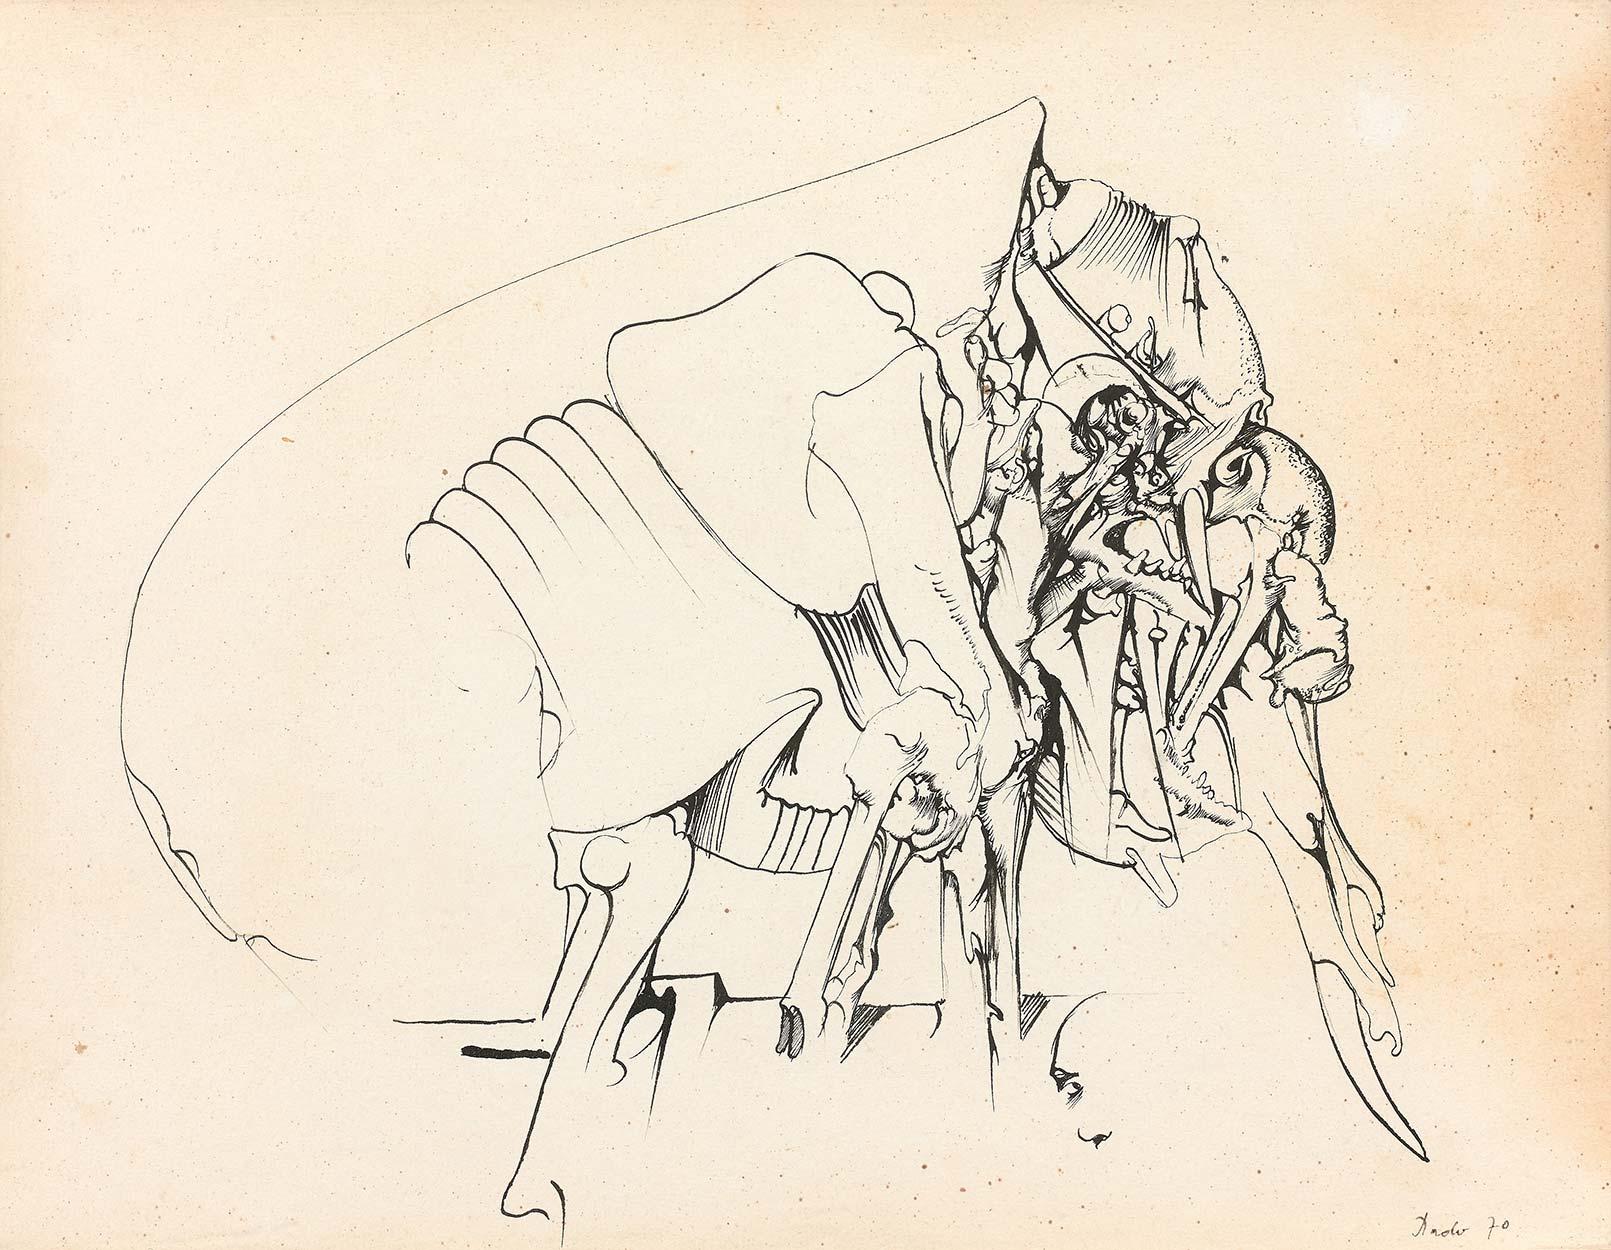 Dado: Untitled, 1970